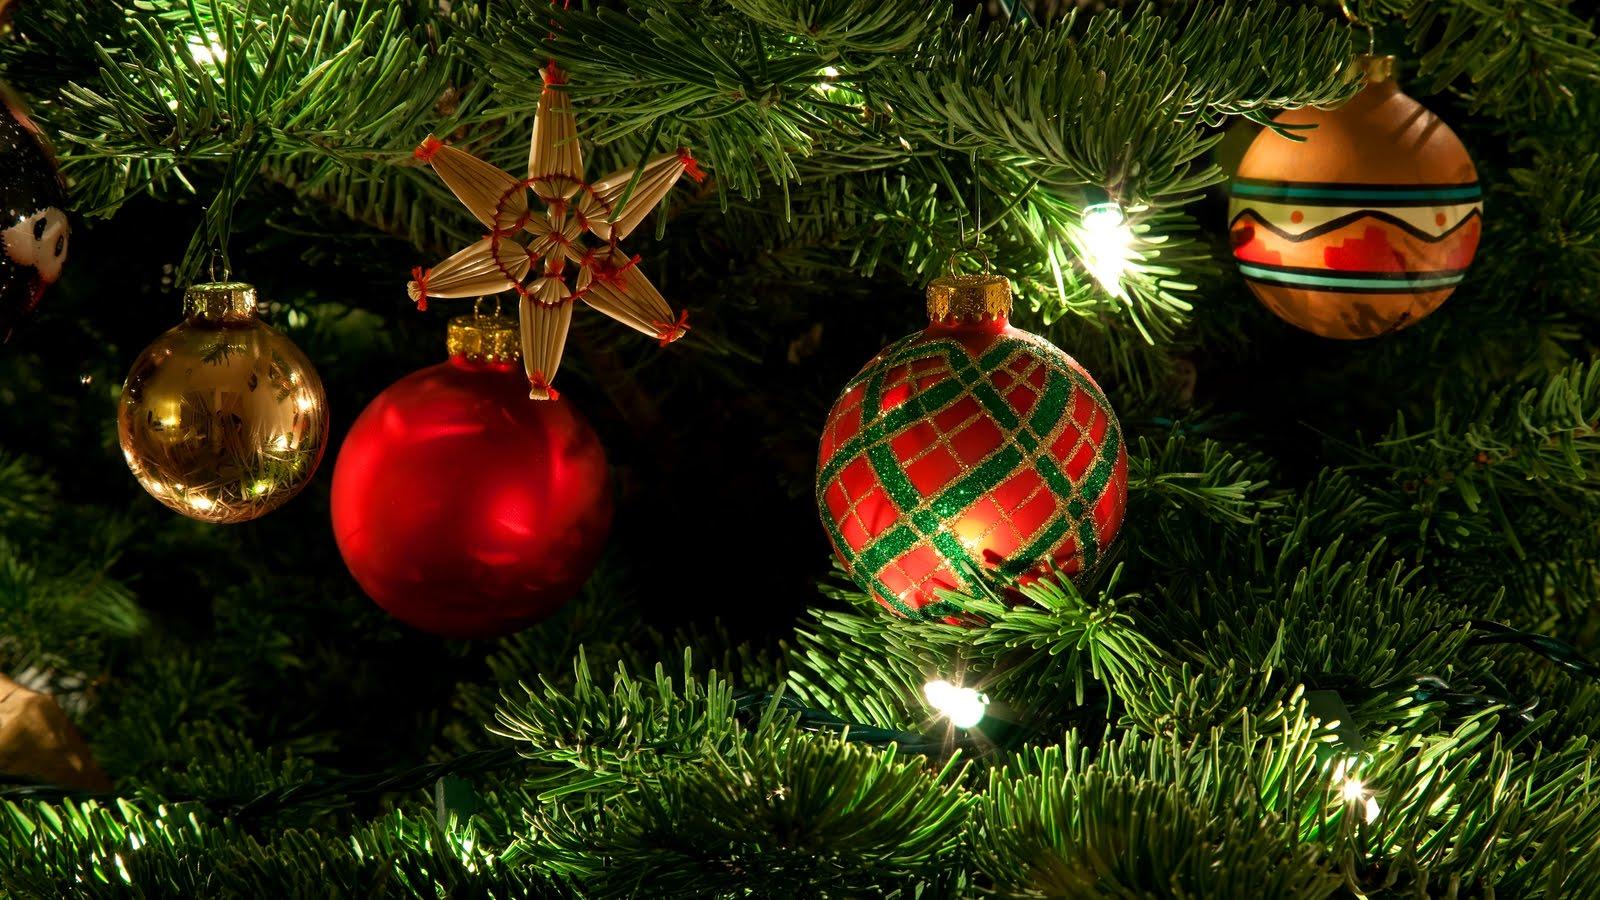 Descargar fondos navidad mensajes navideos bienvenidos - Esferas de navidad ...